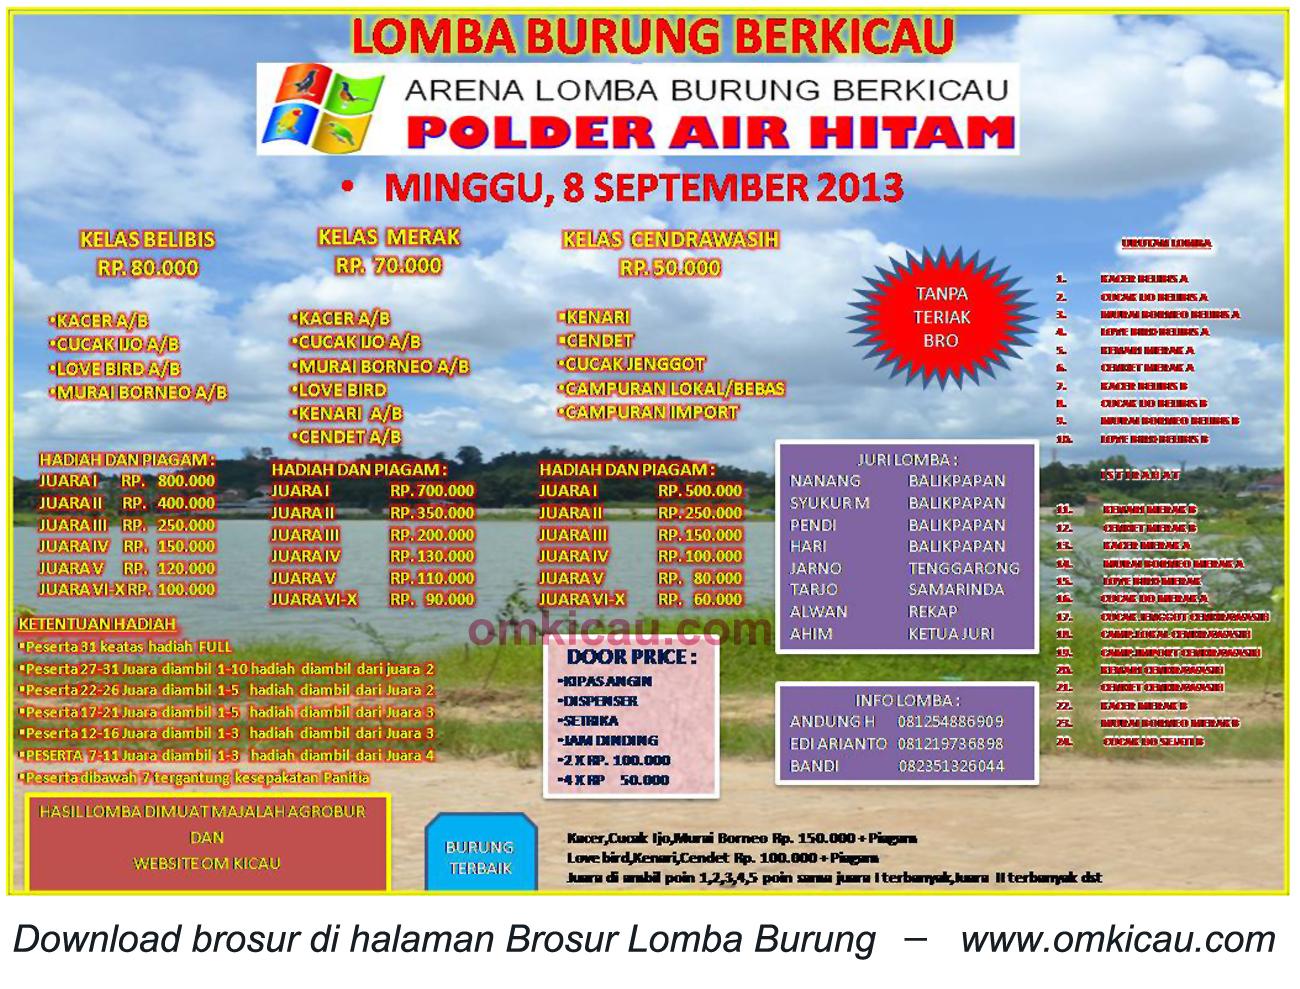 Brosur Lomba Burung Berkicau Polder Air Hitam, Samarinda, 8 September 2013